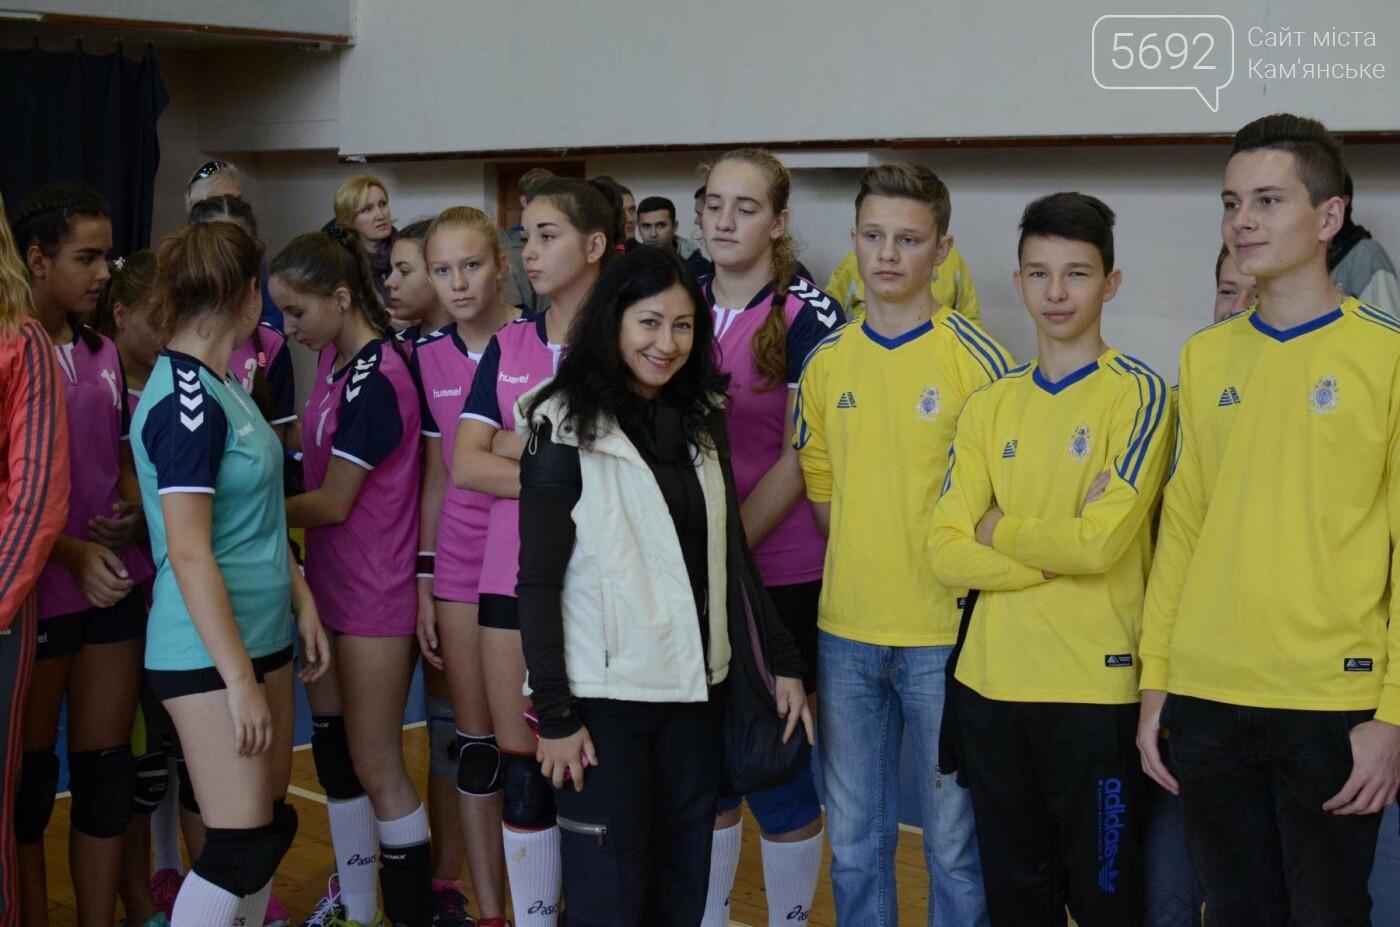 В Каменском открылся волейбольный турнир «Кубок освобождения», фото-1